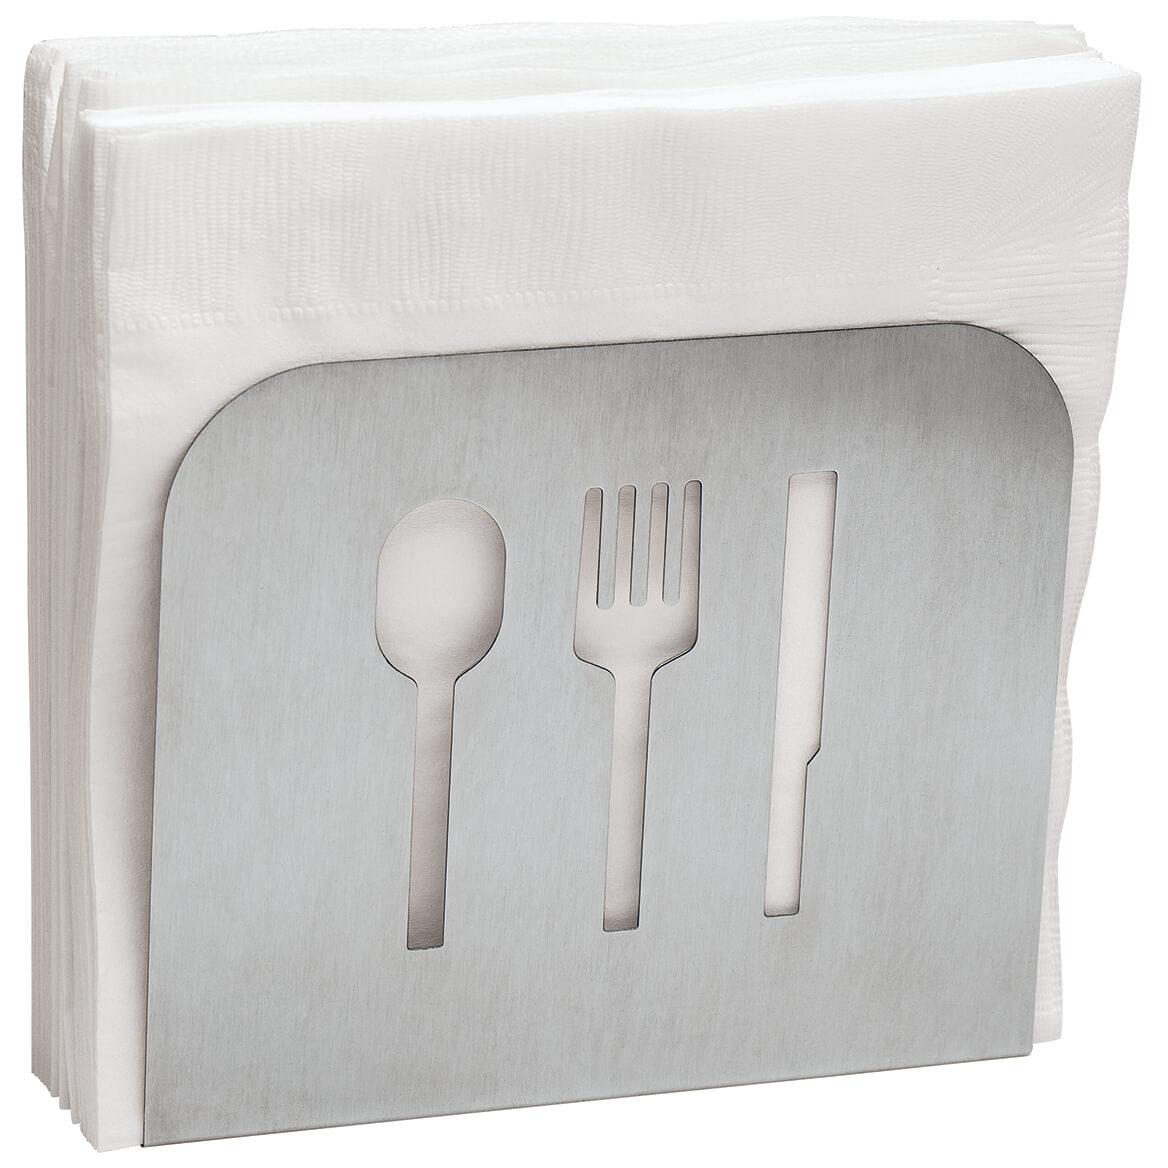 Stainless Steel Napkin Holder-371393